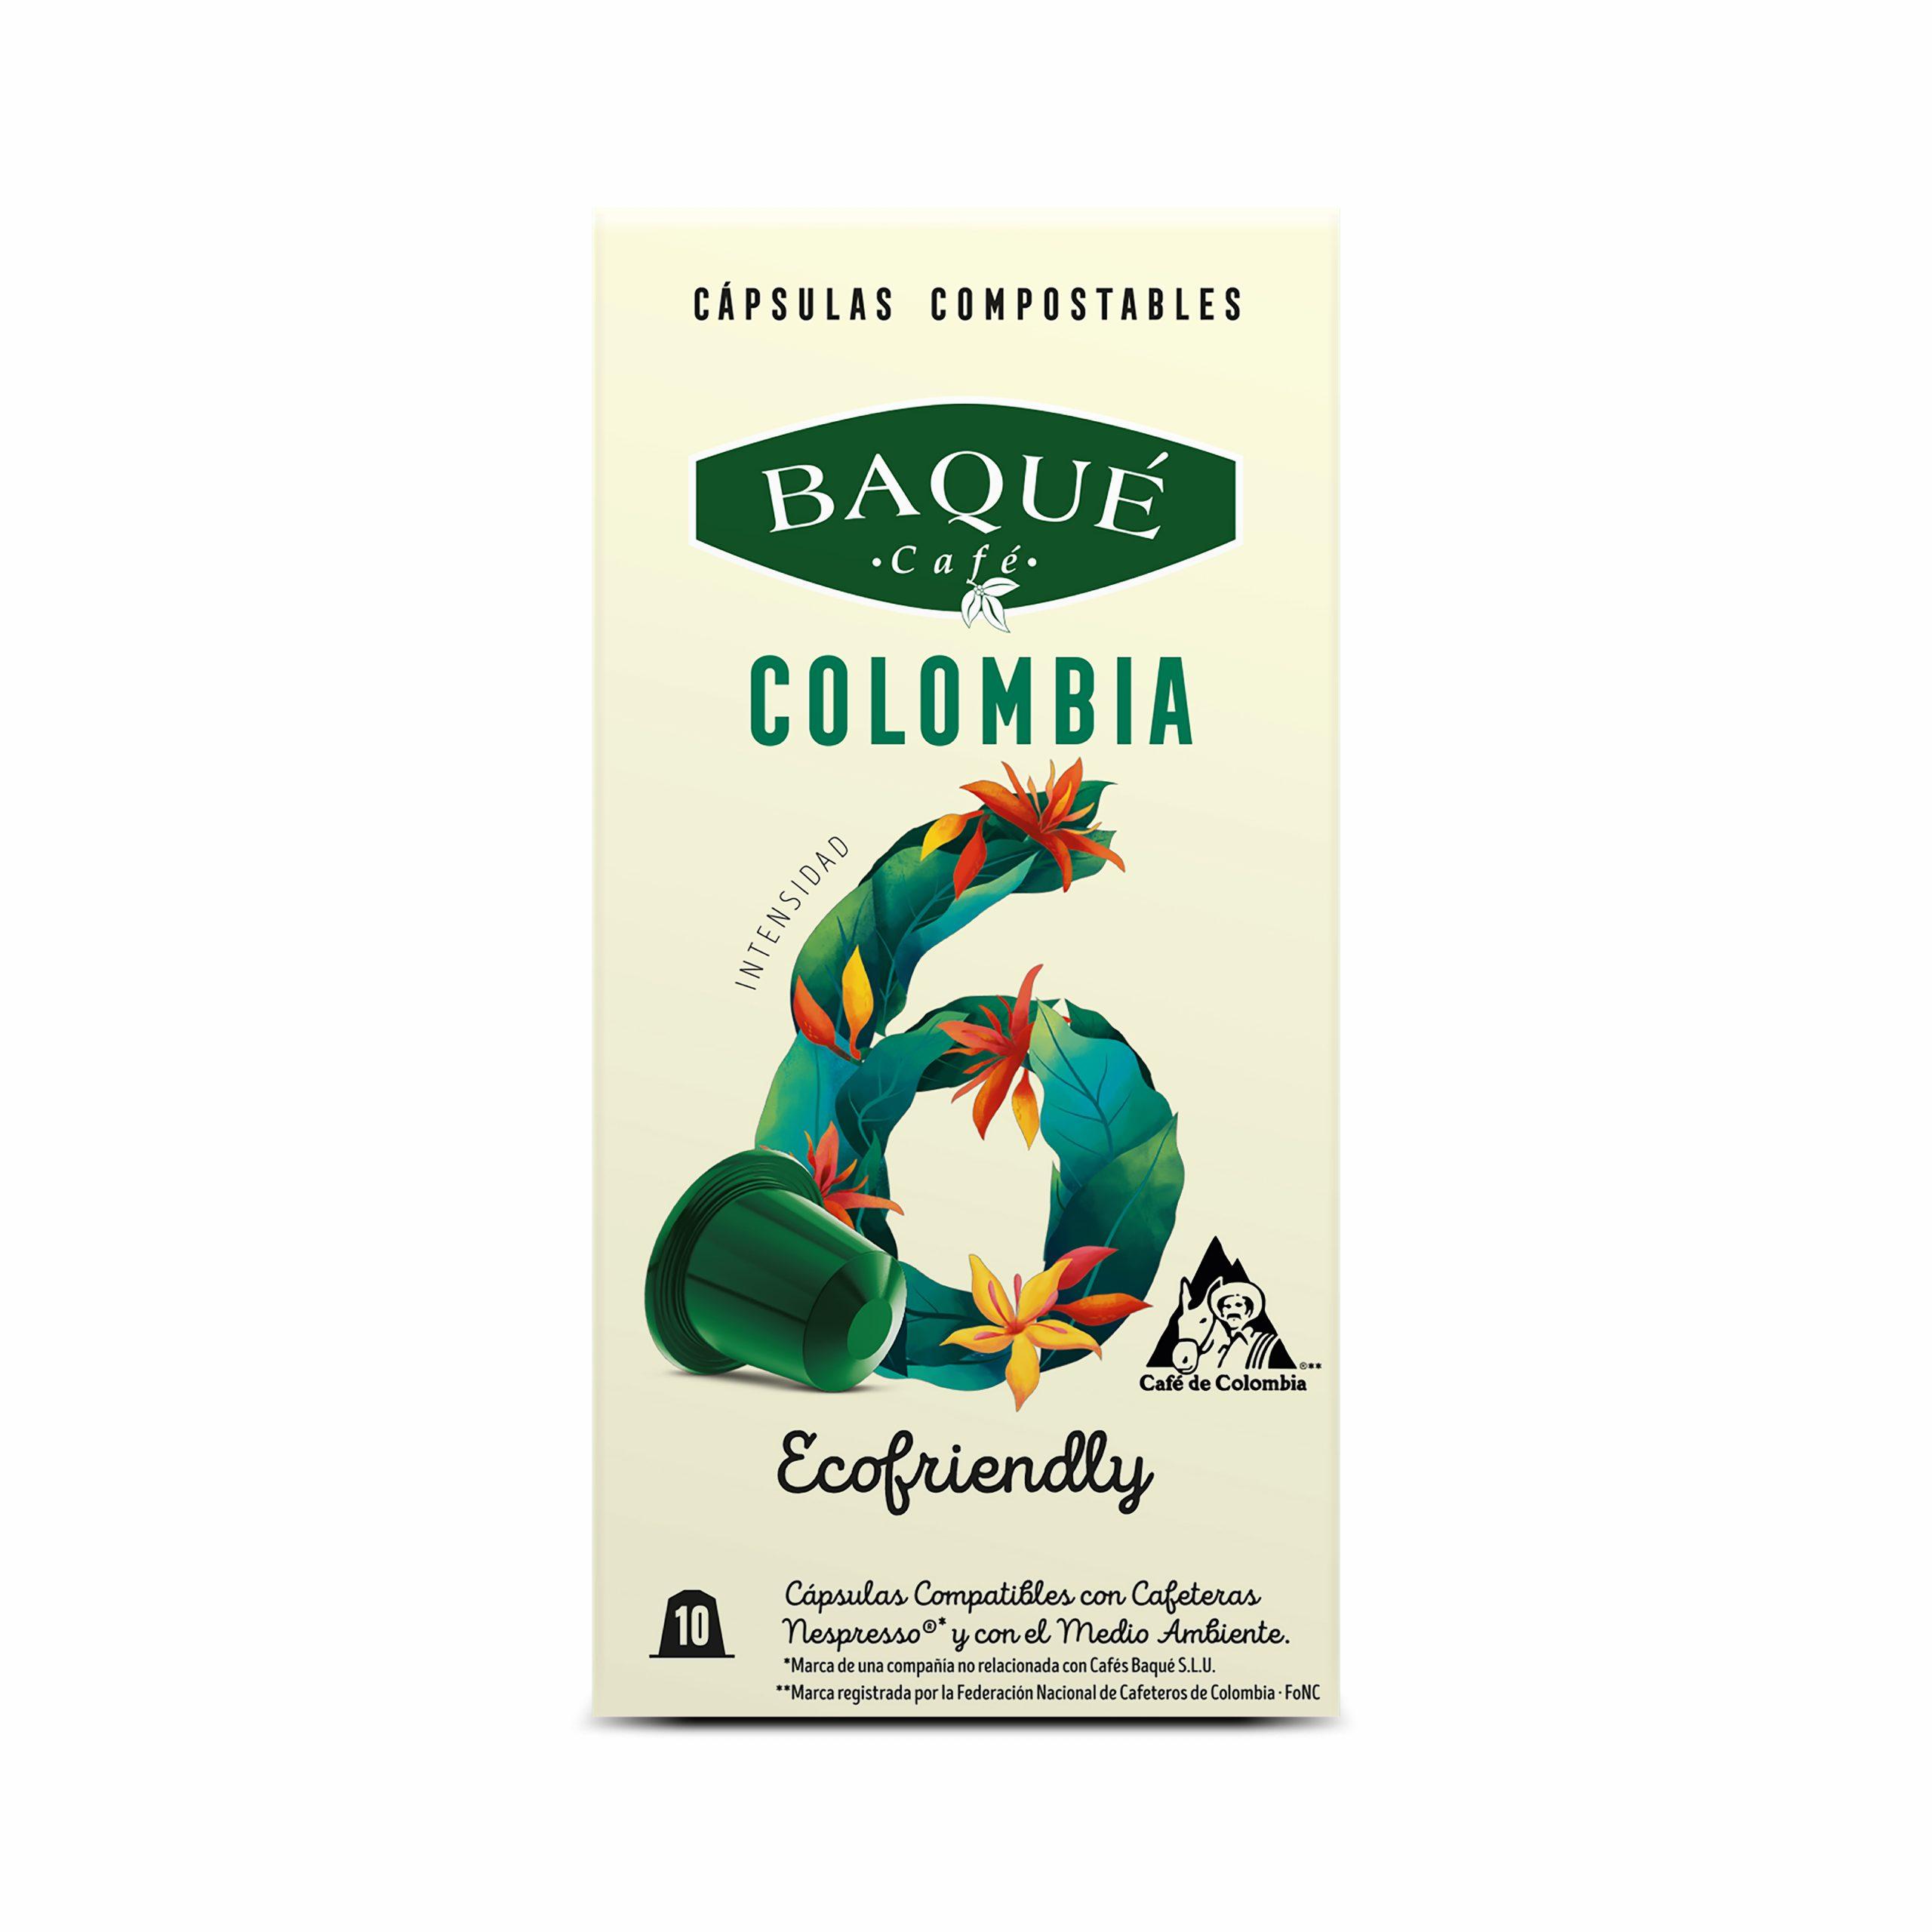 Kolonbia 10 kapsula Konpostagarri Nespresso®-rekin bateragarriak